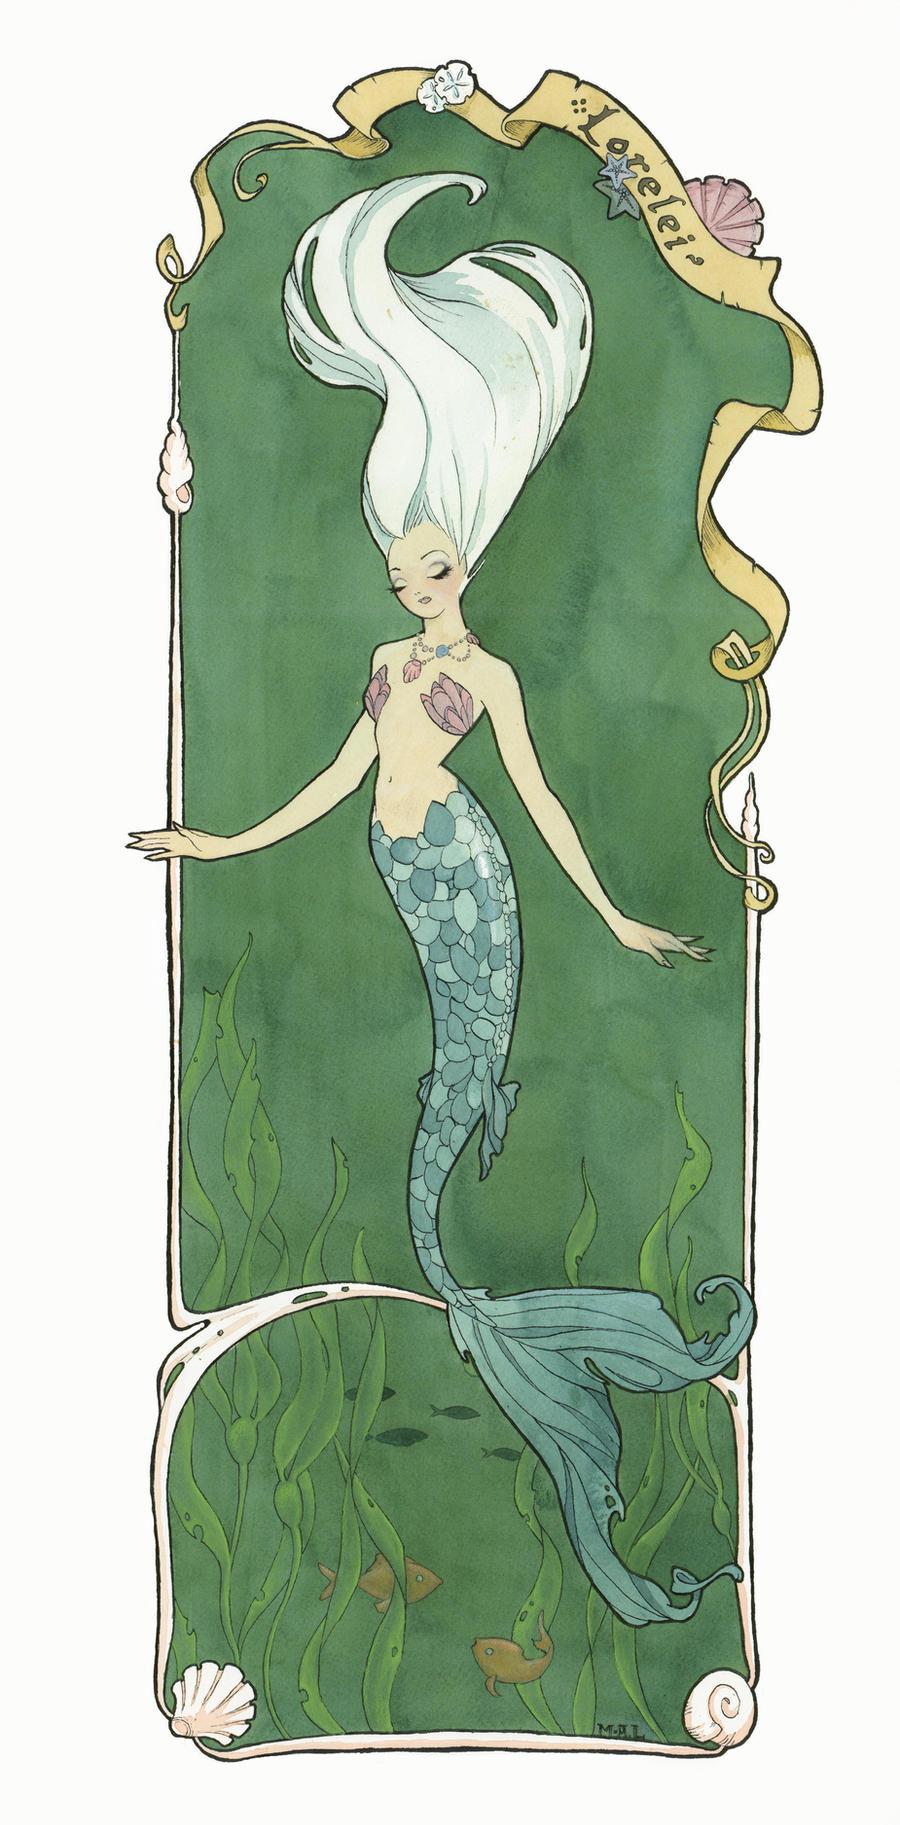 Lorelei (large) by Maryanneleslie